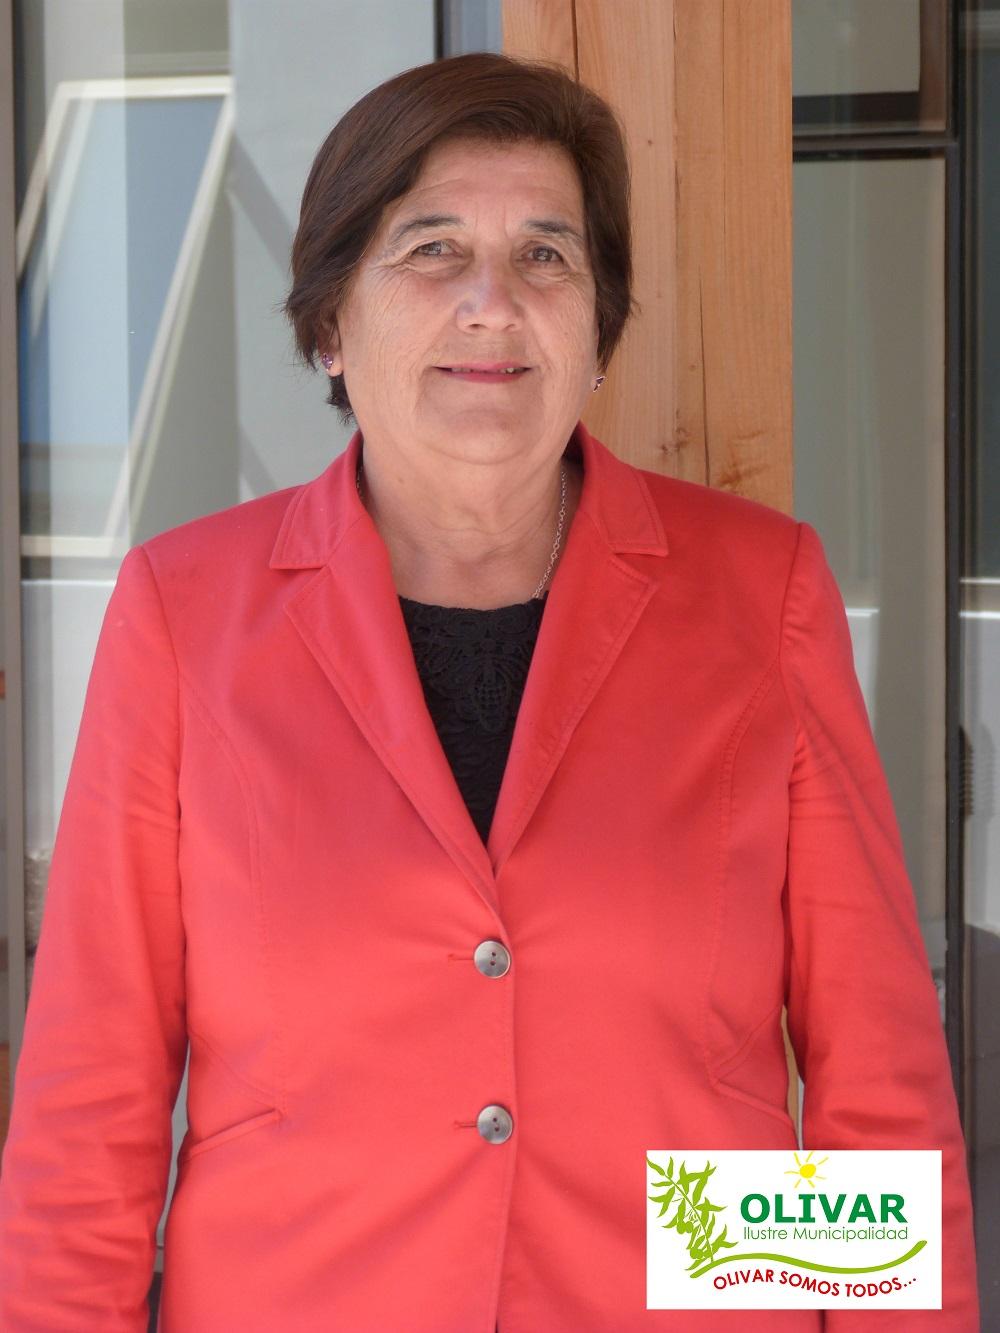 Olivar se adjudica importantes proyectos del Gobierno Regional